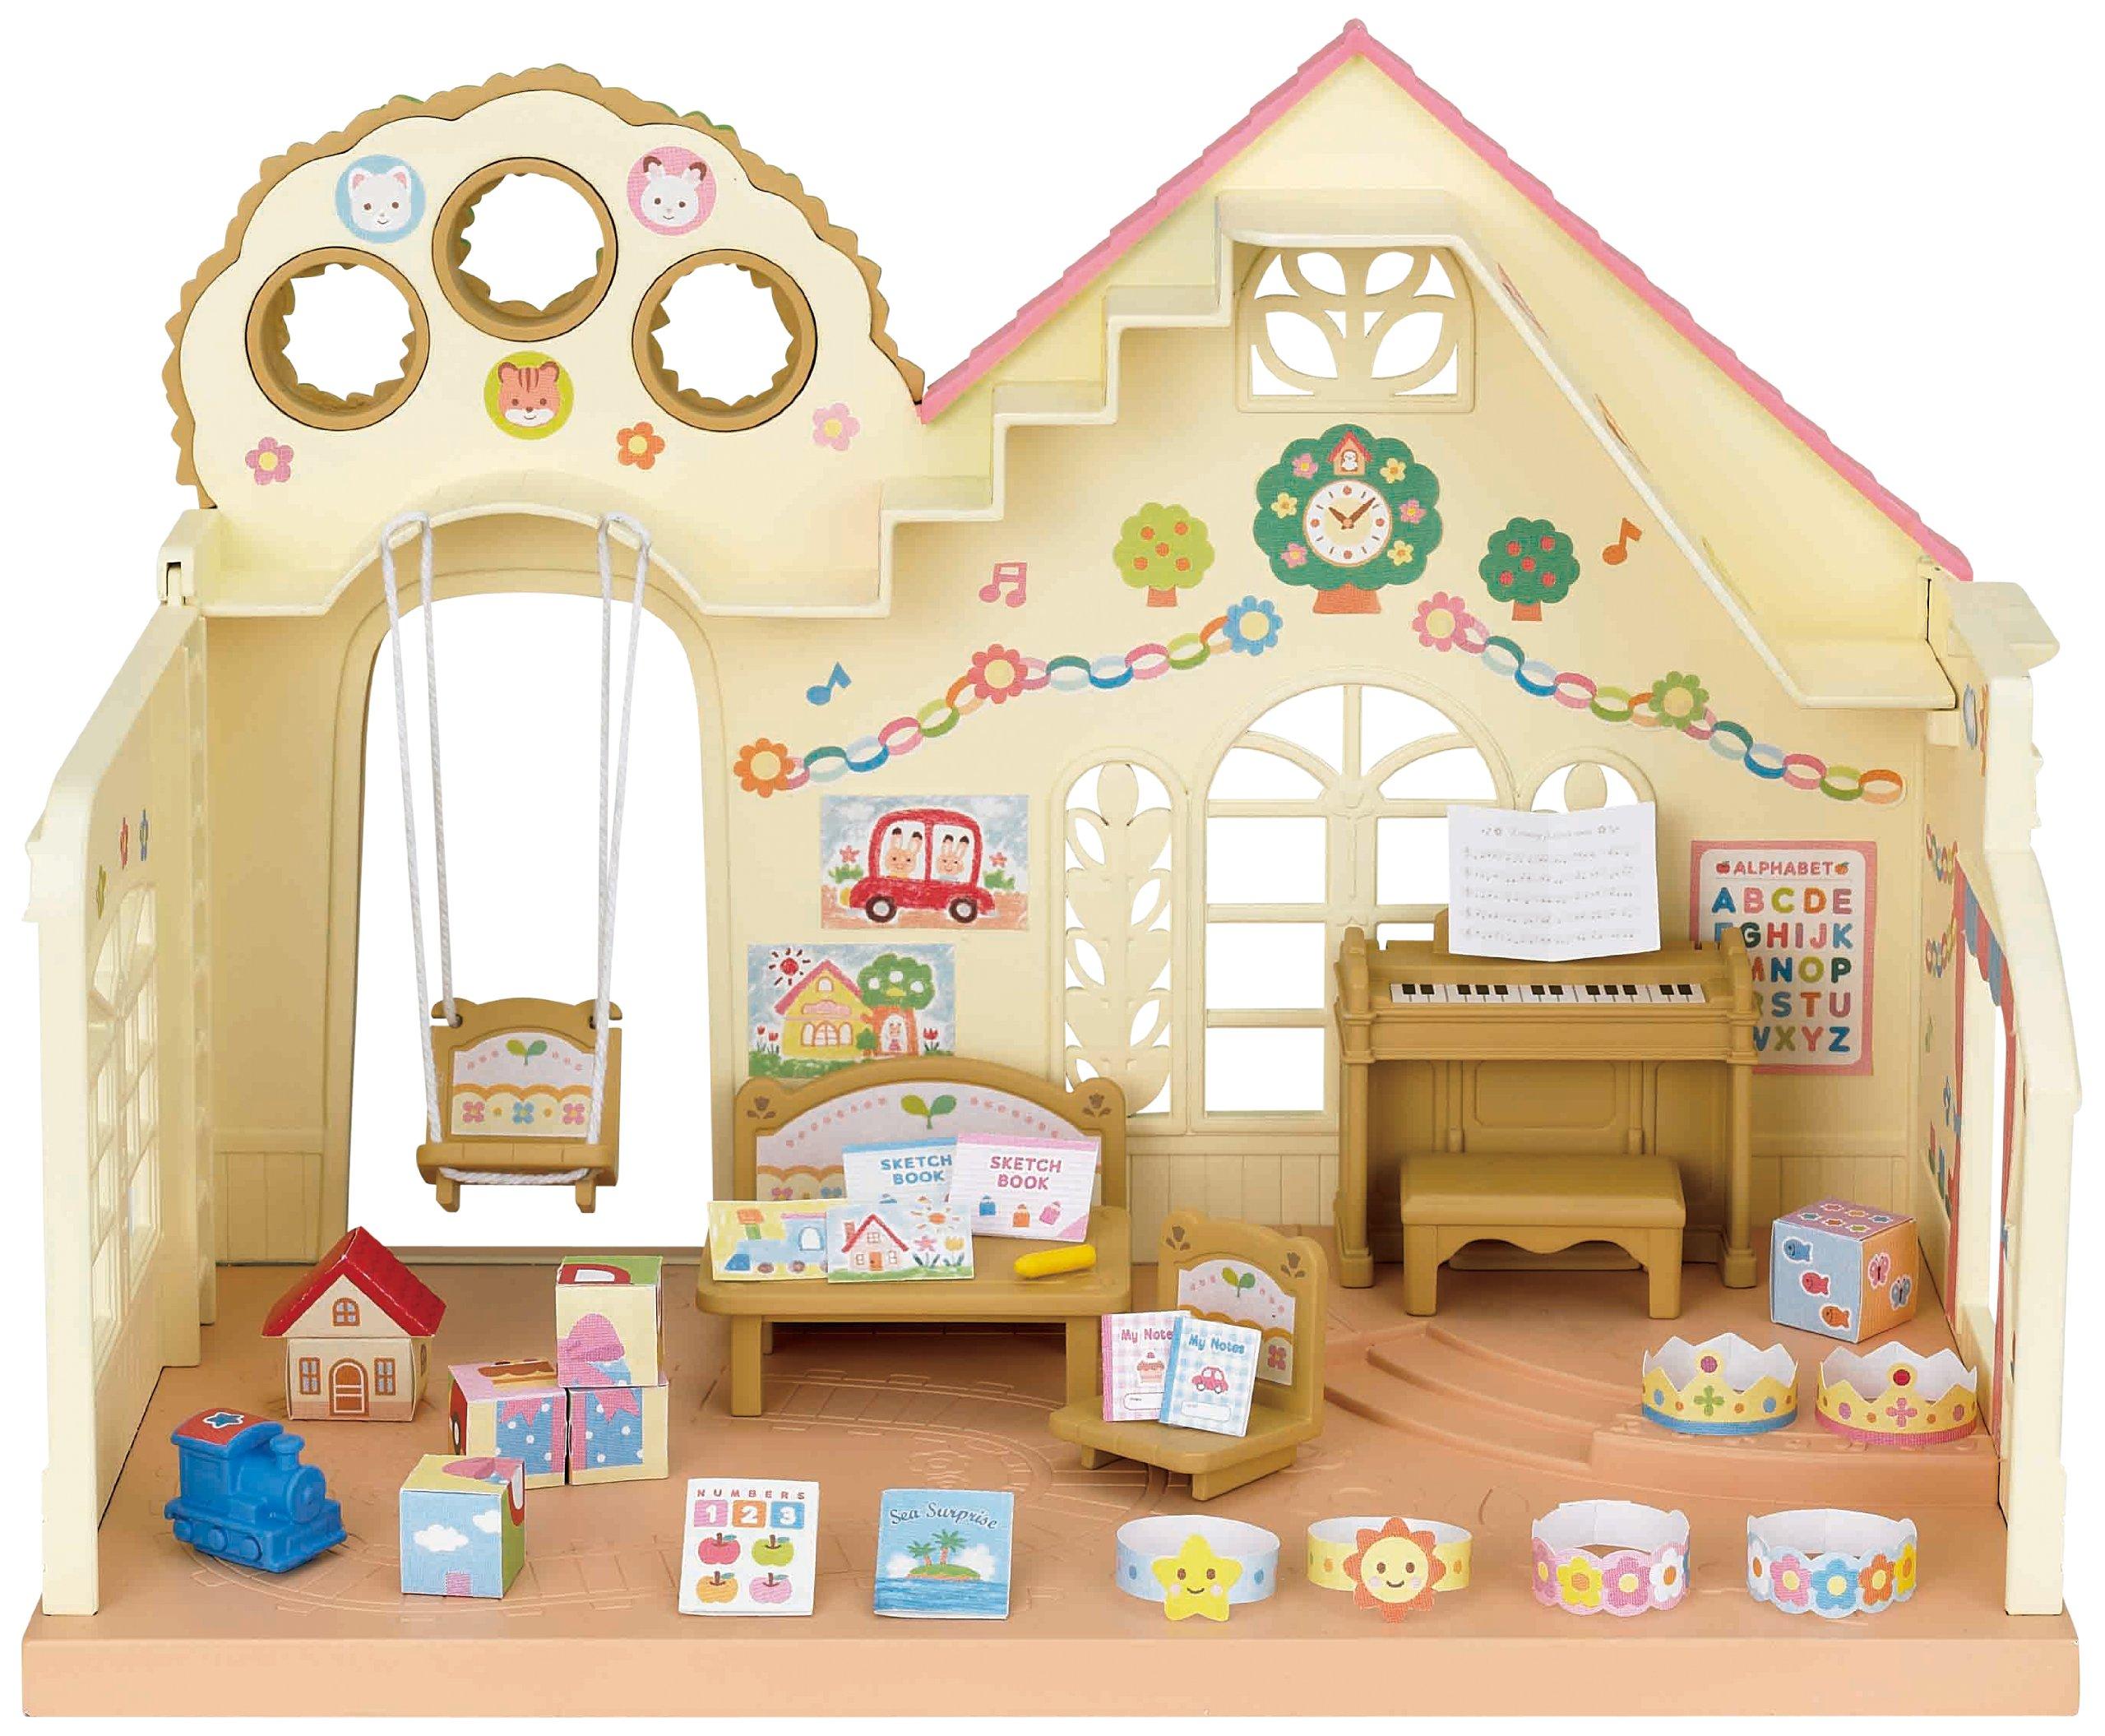 SYLVANIAN FAMILIES Forest Nursery Mini Muñecas y Accesorios Epoch para Imaginar 5100 product image